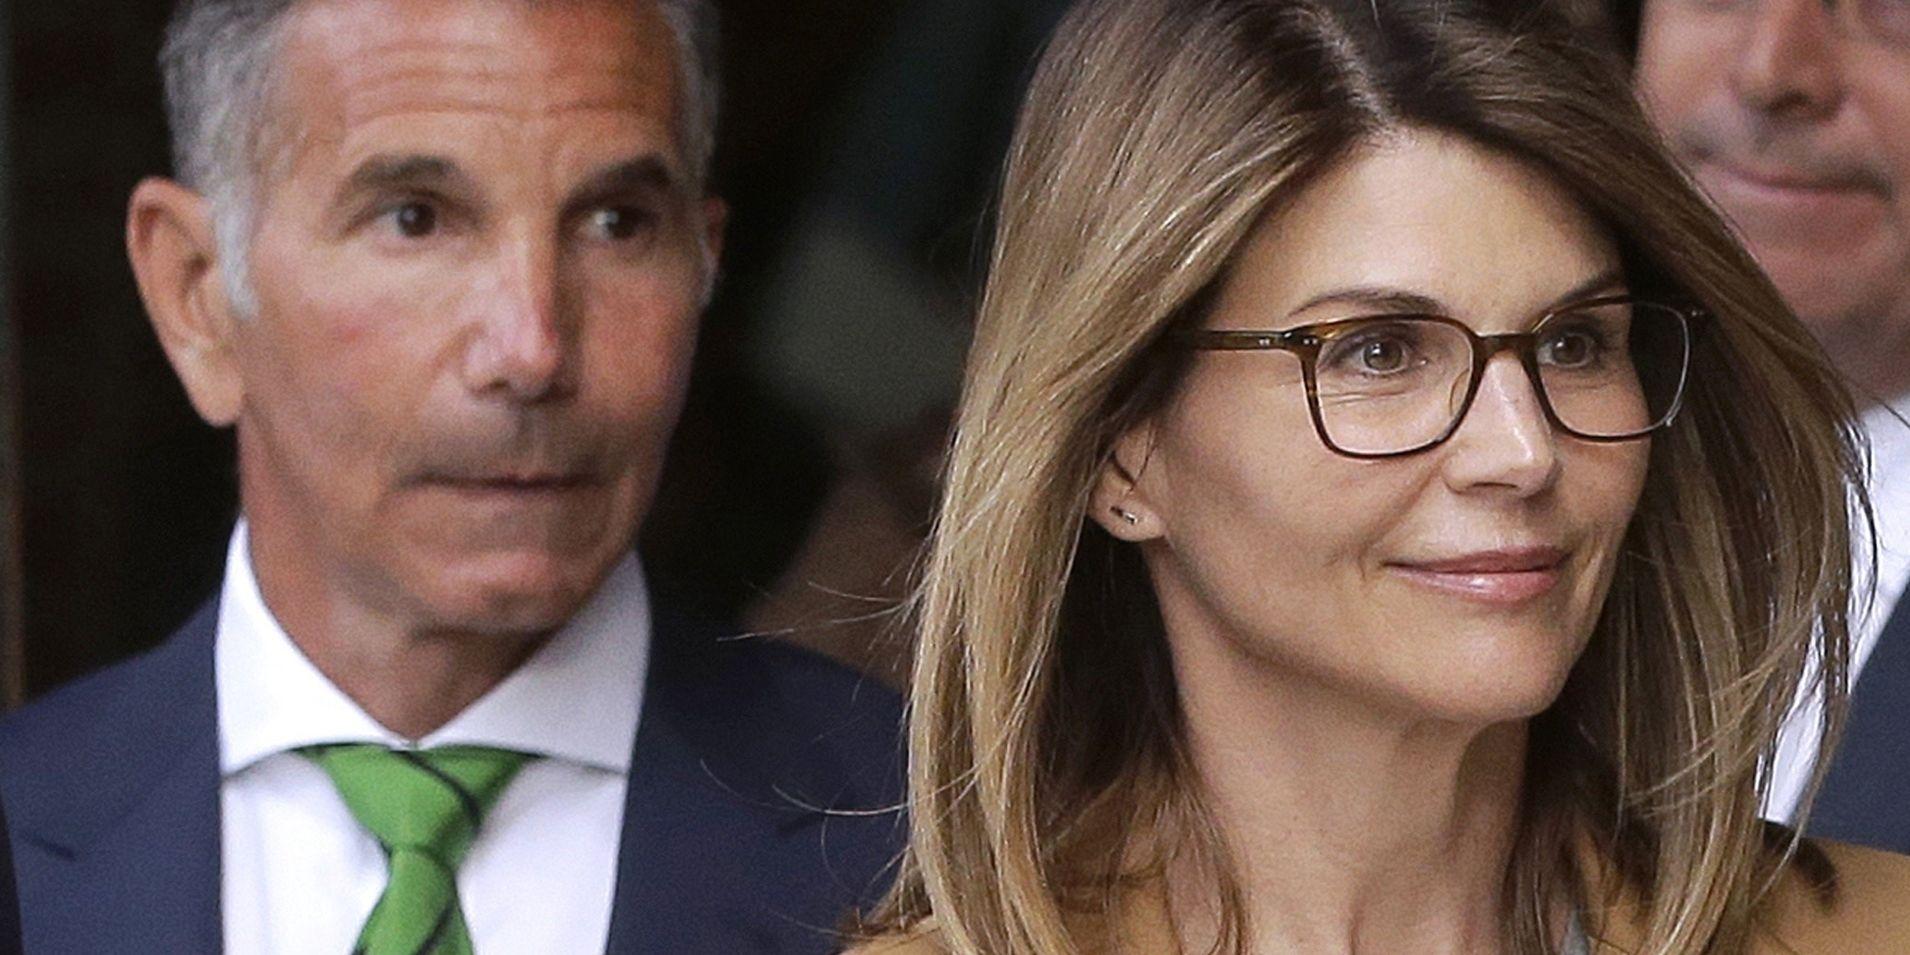 Lawyers: New evidence backs Loughlin, Giannulli's innocence